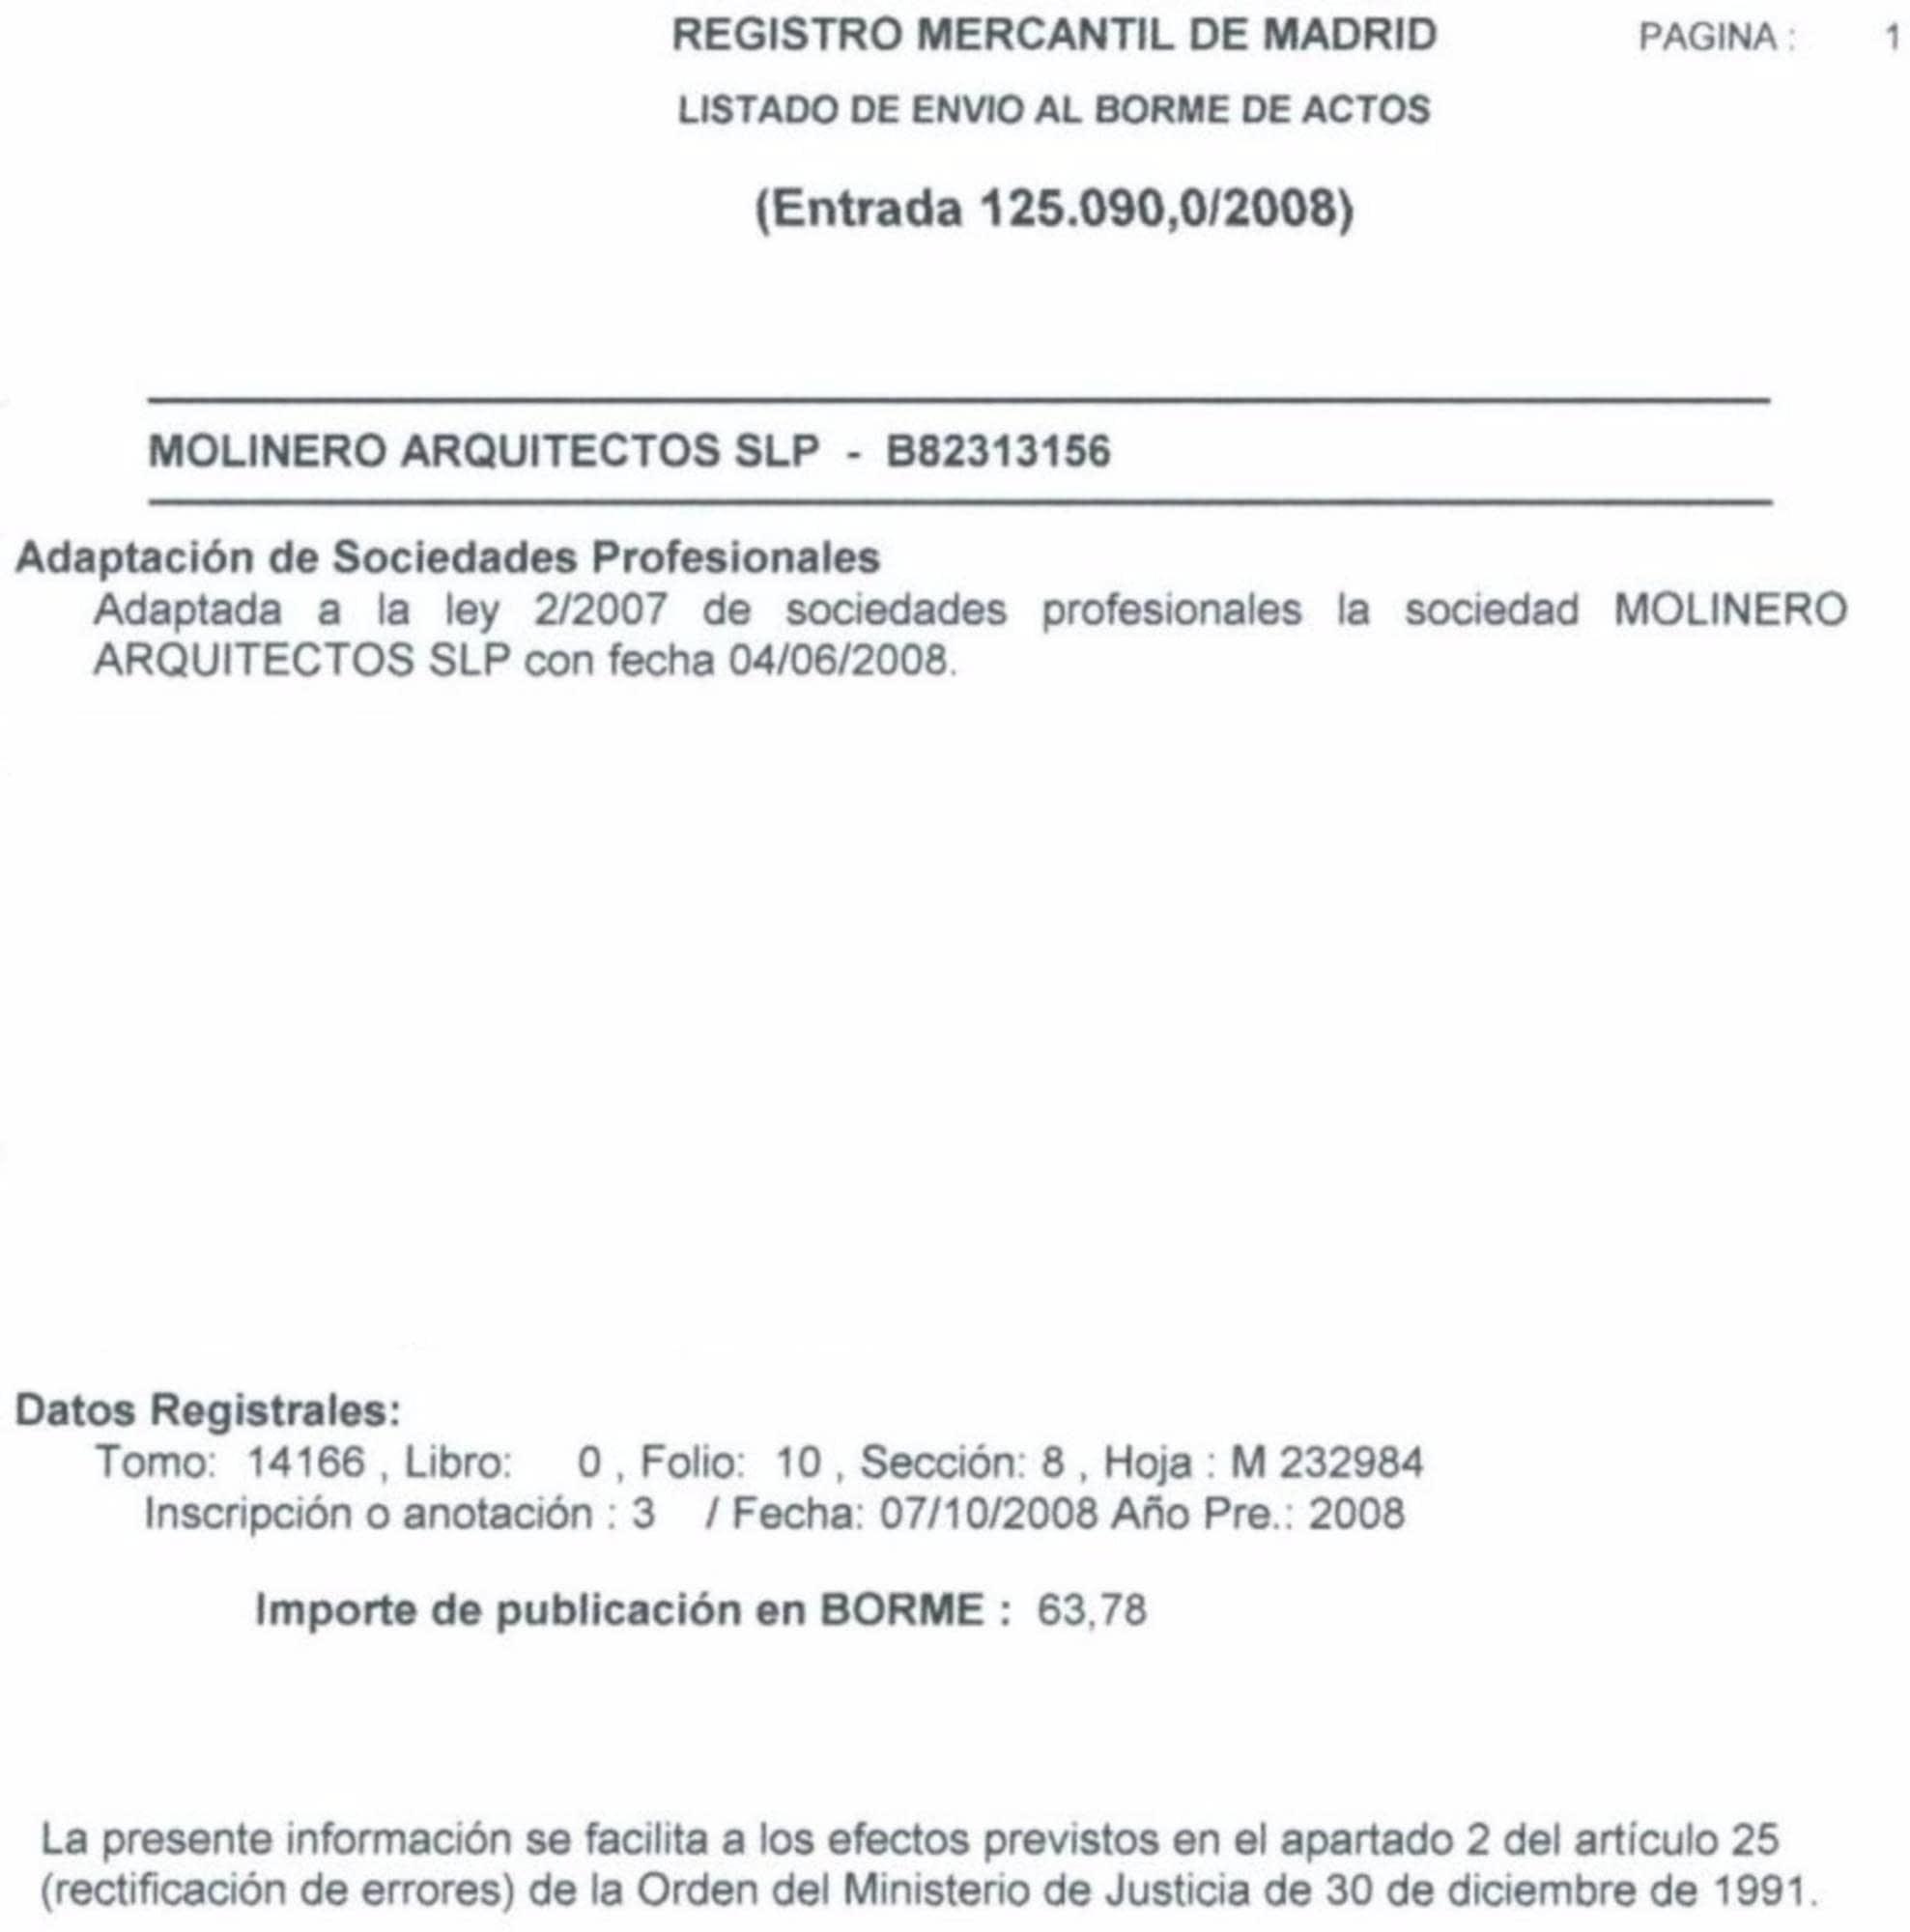 Registro Mercantil de Madrid   Estudio de Arquitectura